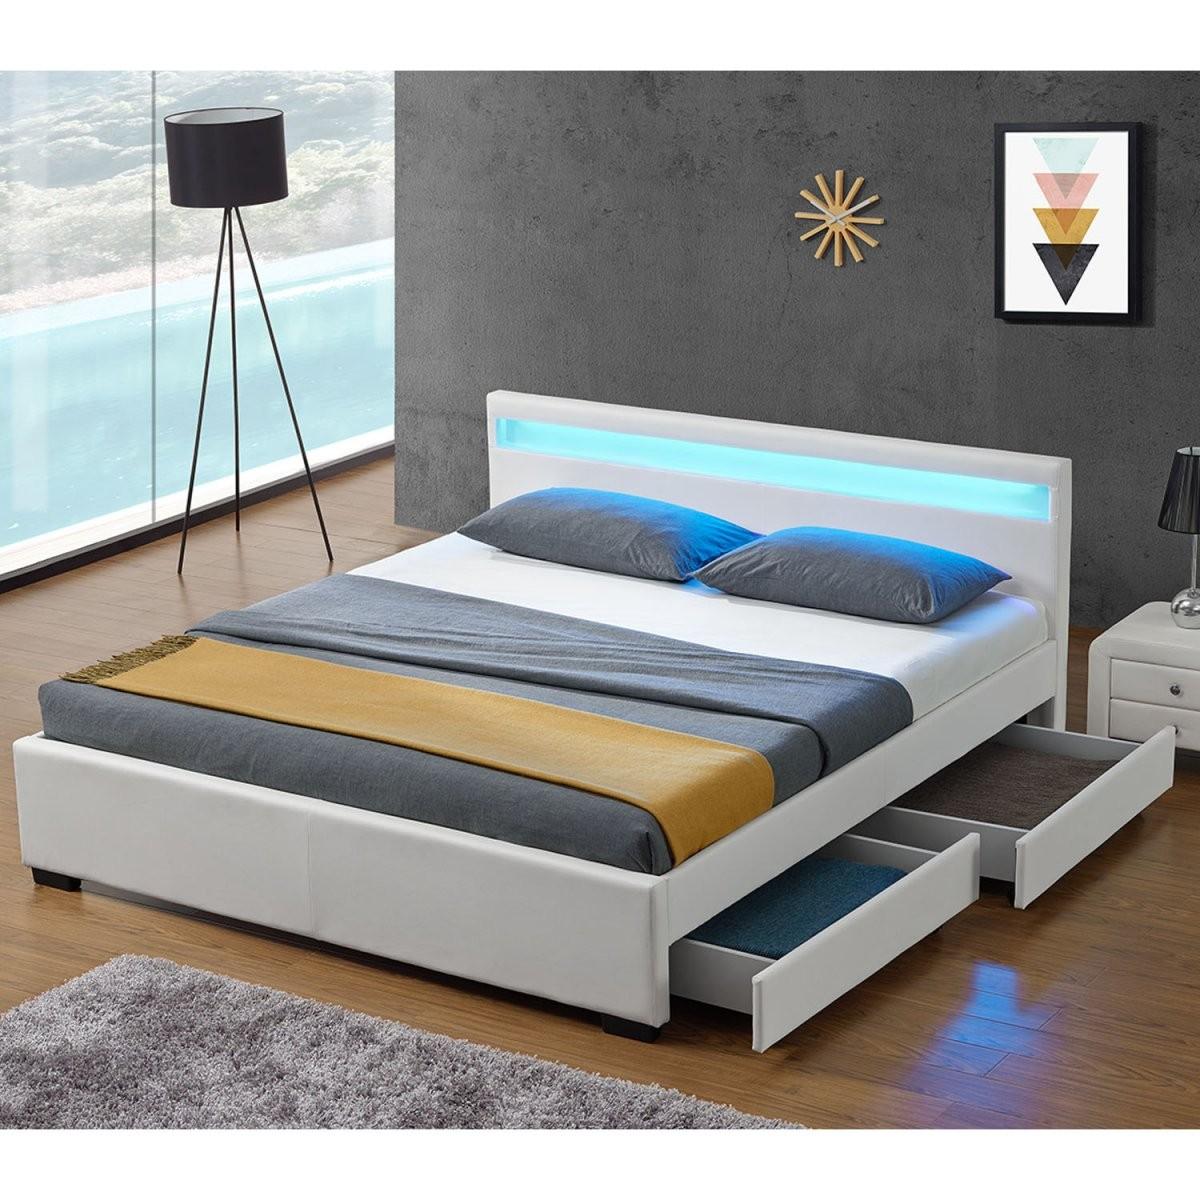 Polsterbett Lyon Mit Bettkasten 140 X 200 Cm  Weiß von Bett Mit Aufbewahrung 140X200 Bild